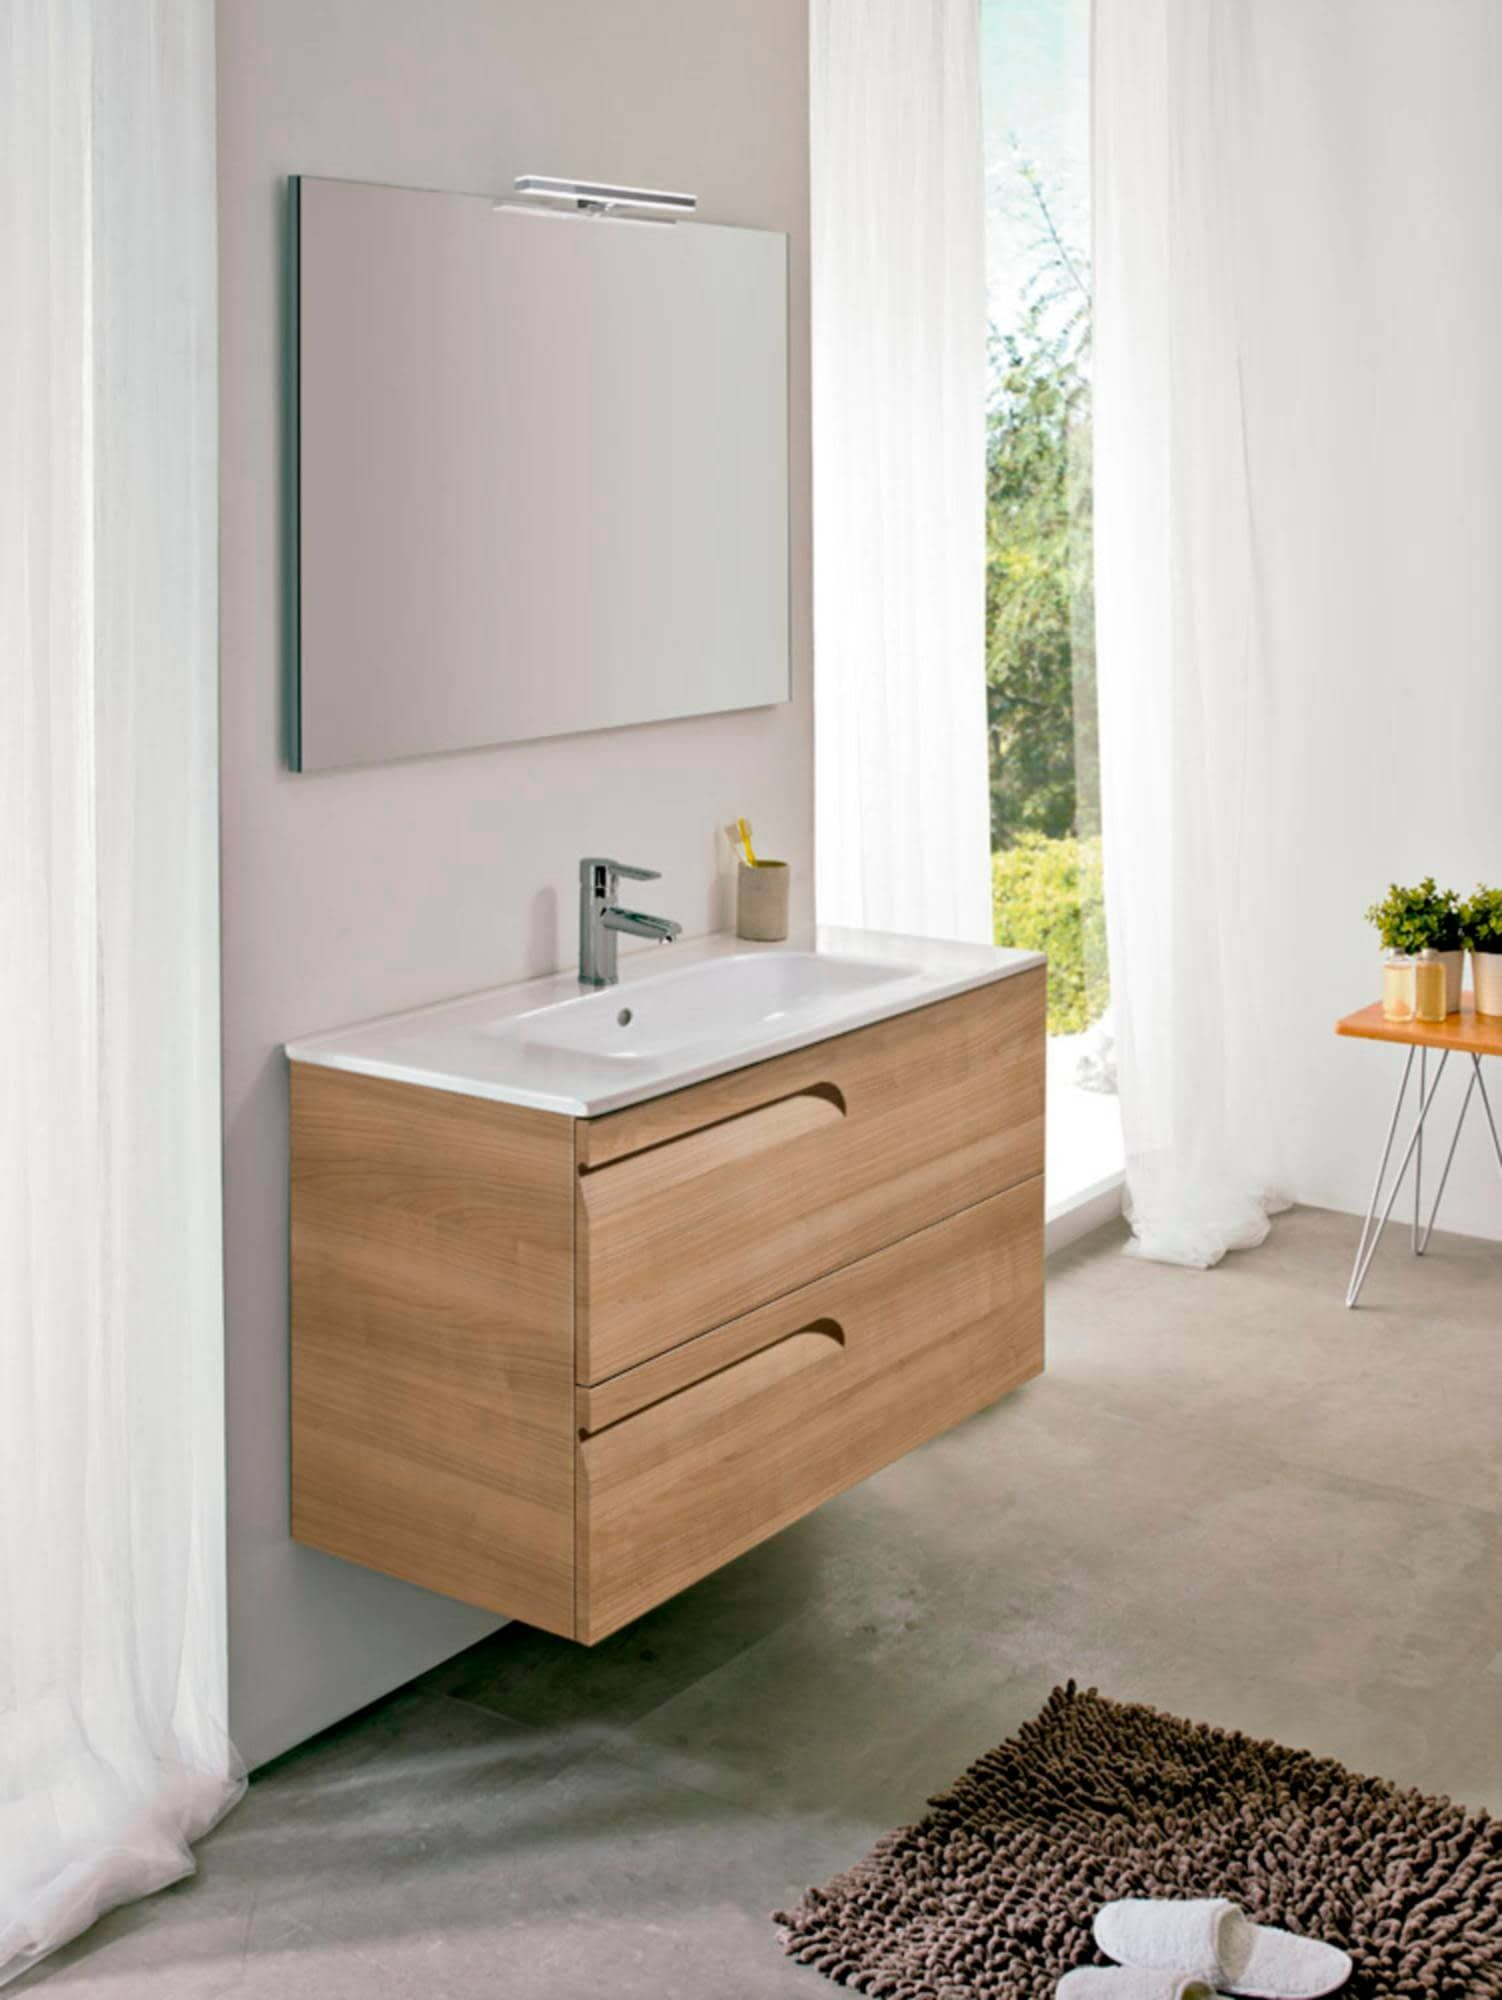 Muebles Ba O Materiales El 13 Rivas S L  # Muebles Suministros Rivas